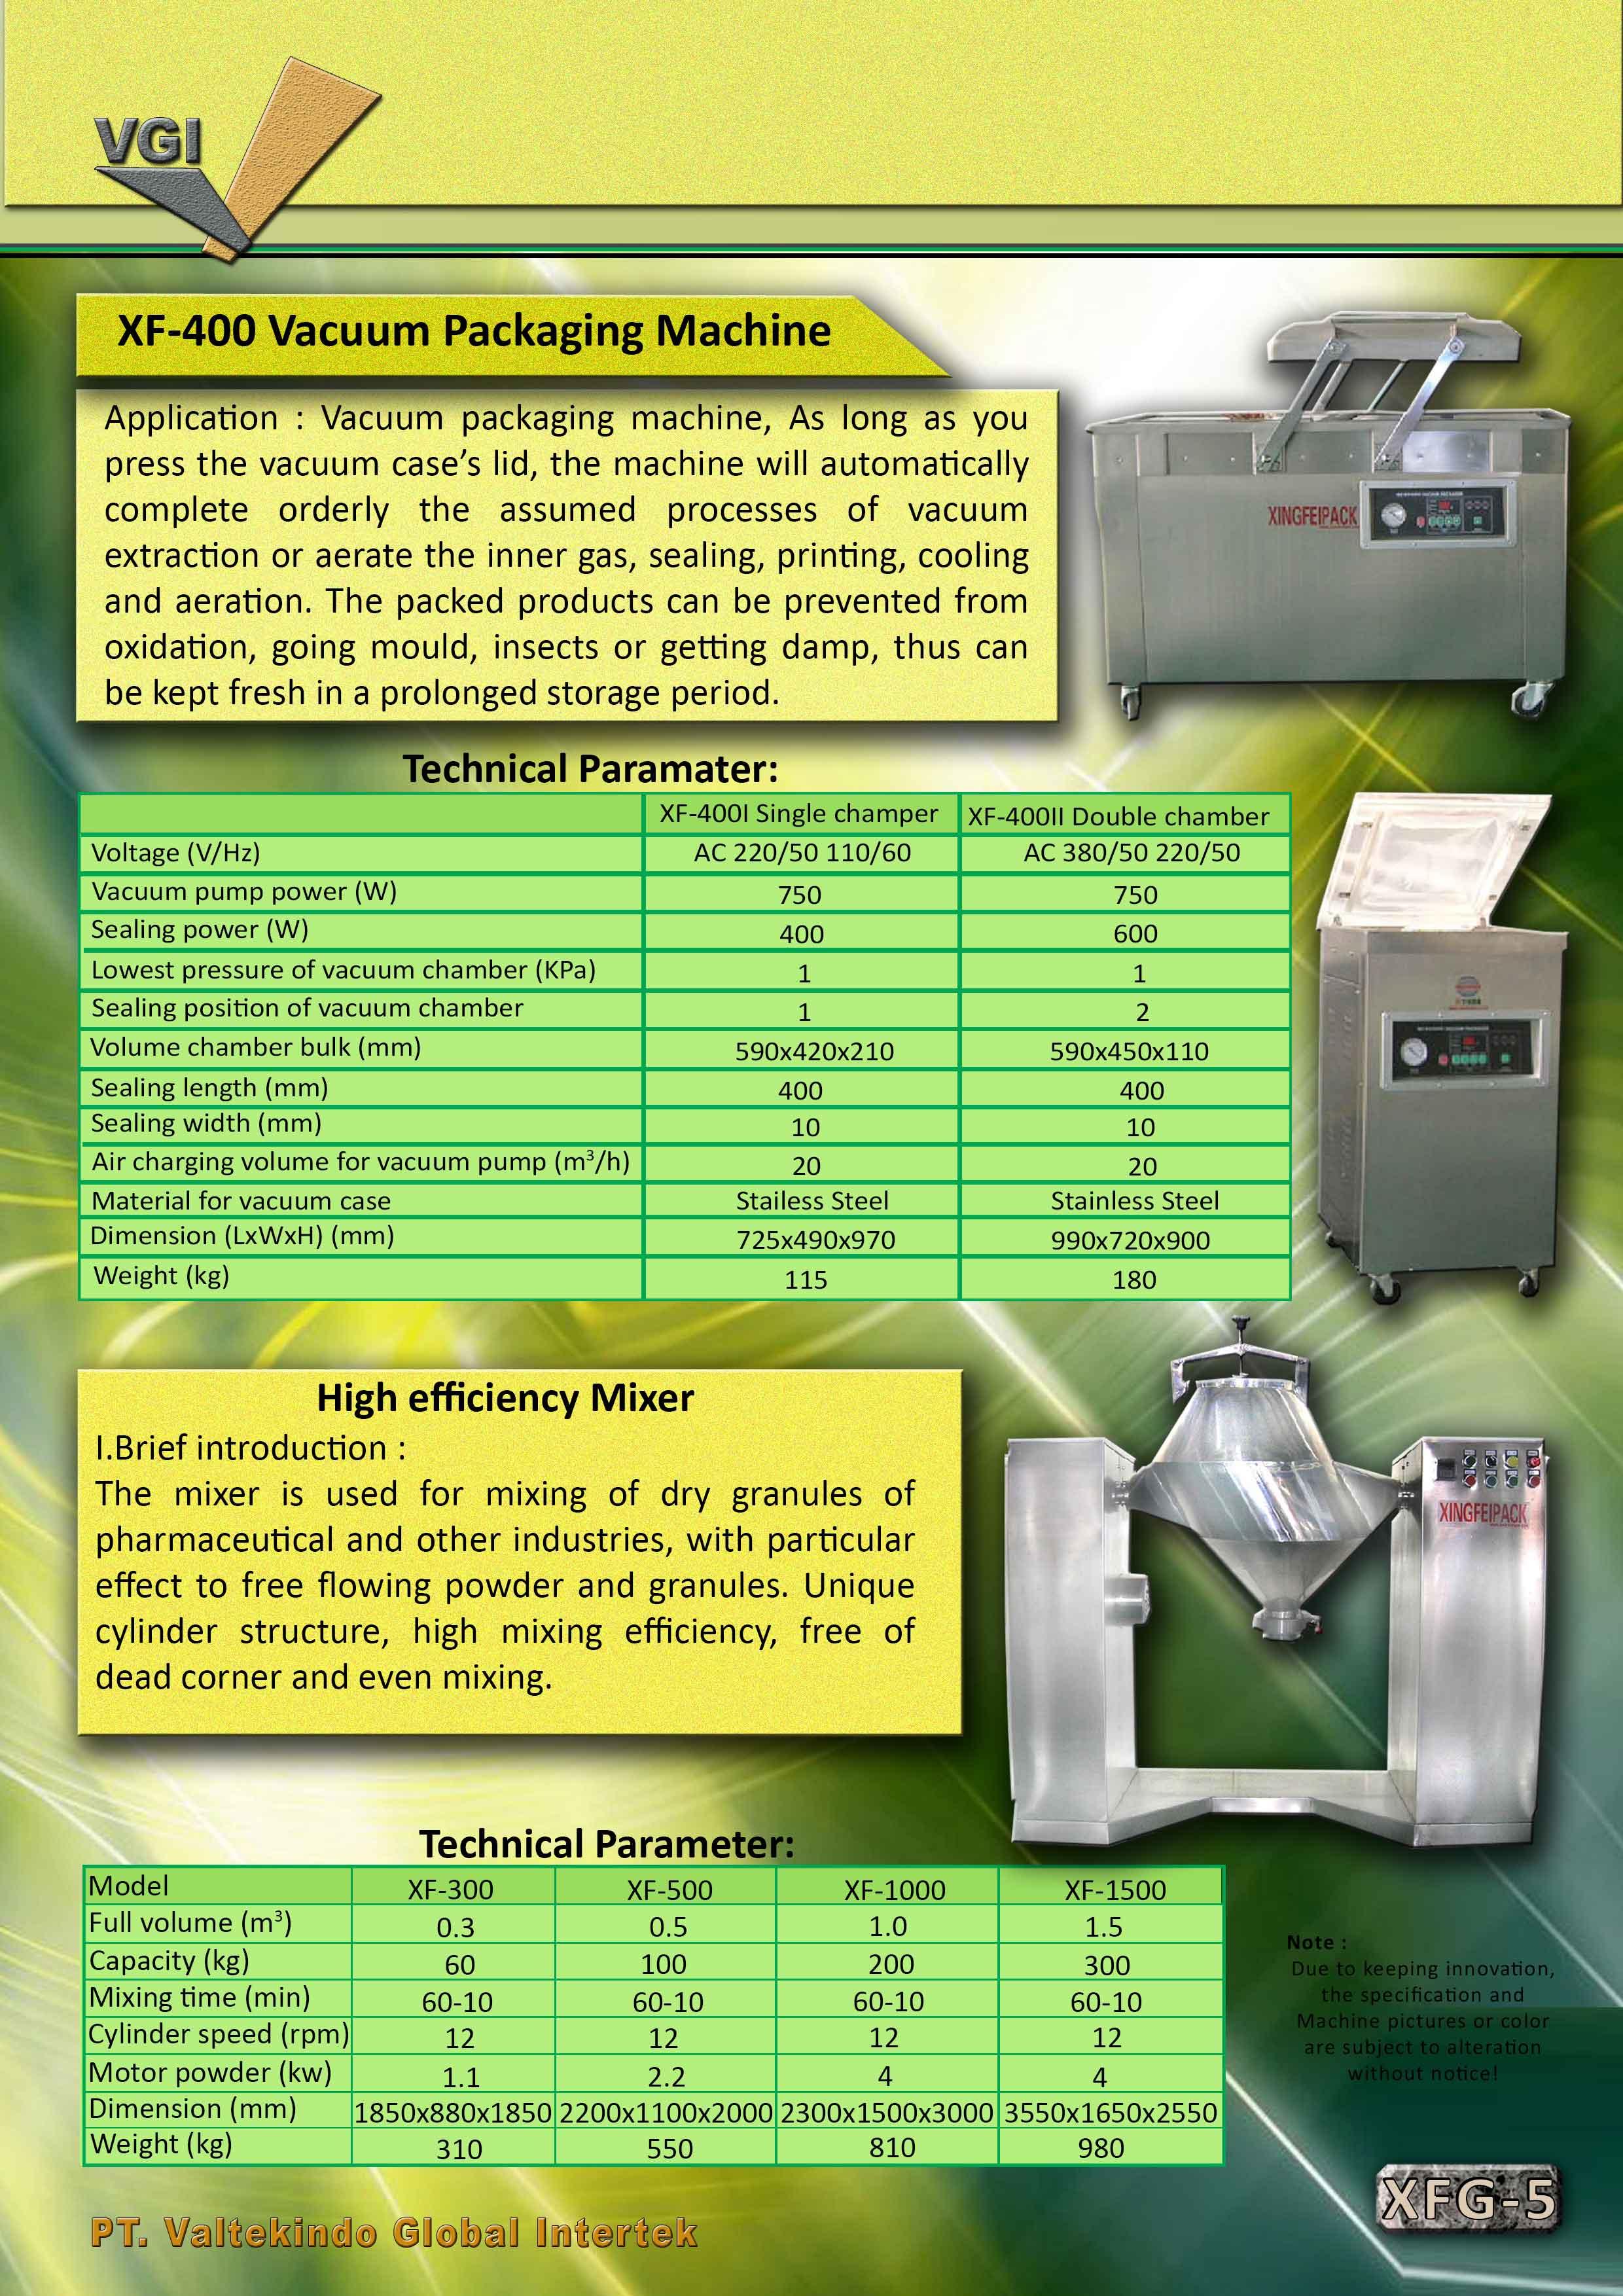 jual mesin Vacuum Packaging Machine & High Efficiency Mixer Vacuum Packaging Machine & High Efficiency Mixer